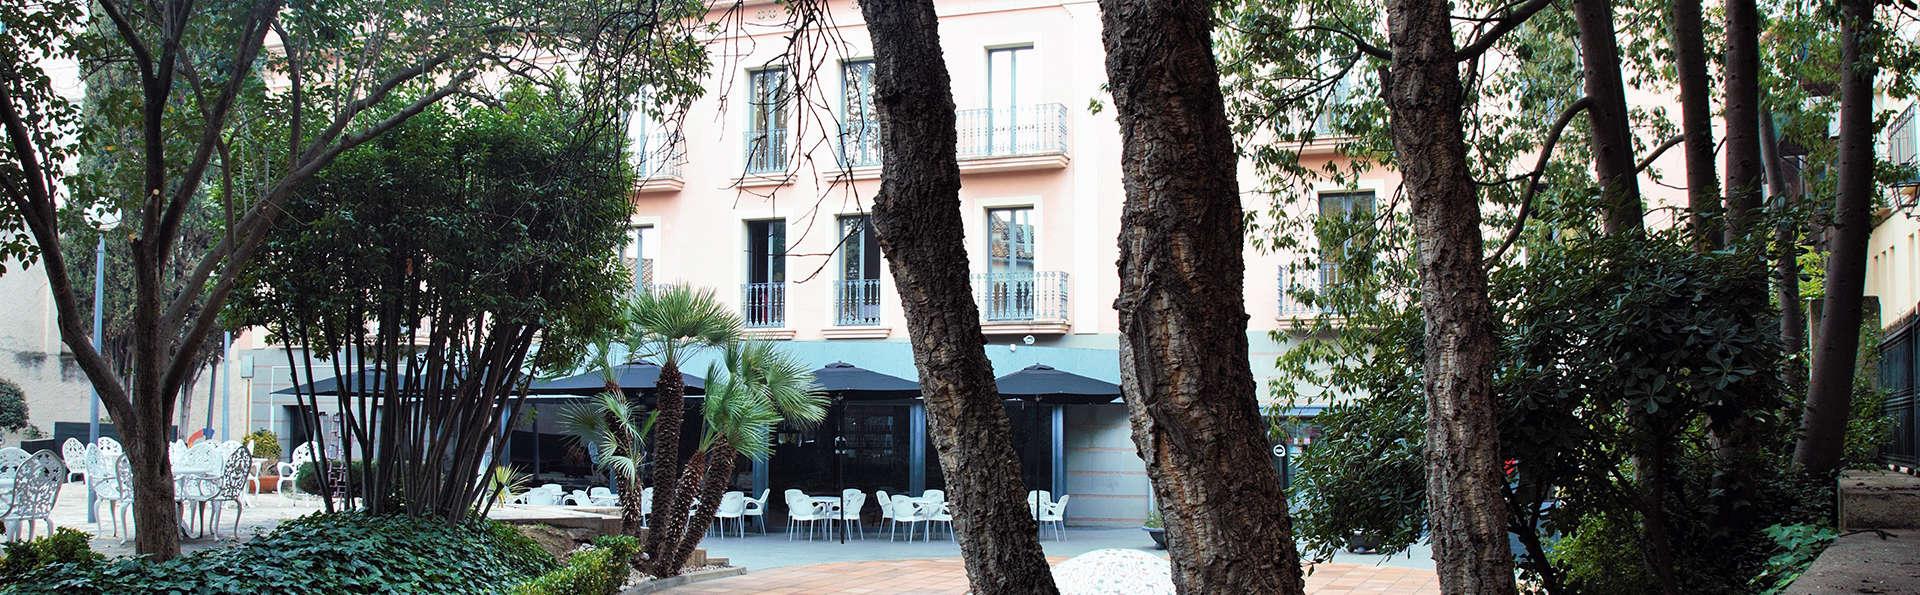 Balneario Vila de Caldes - Edit_Frotn.jpg